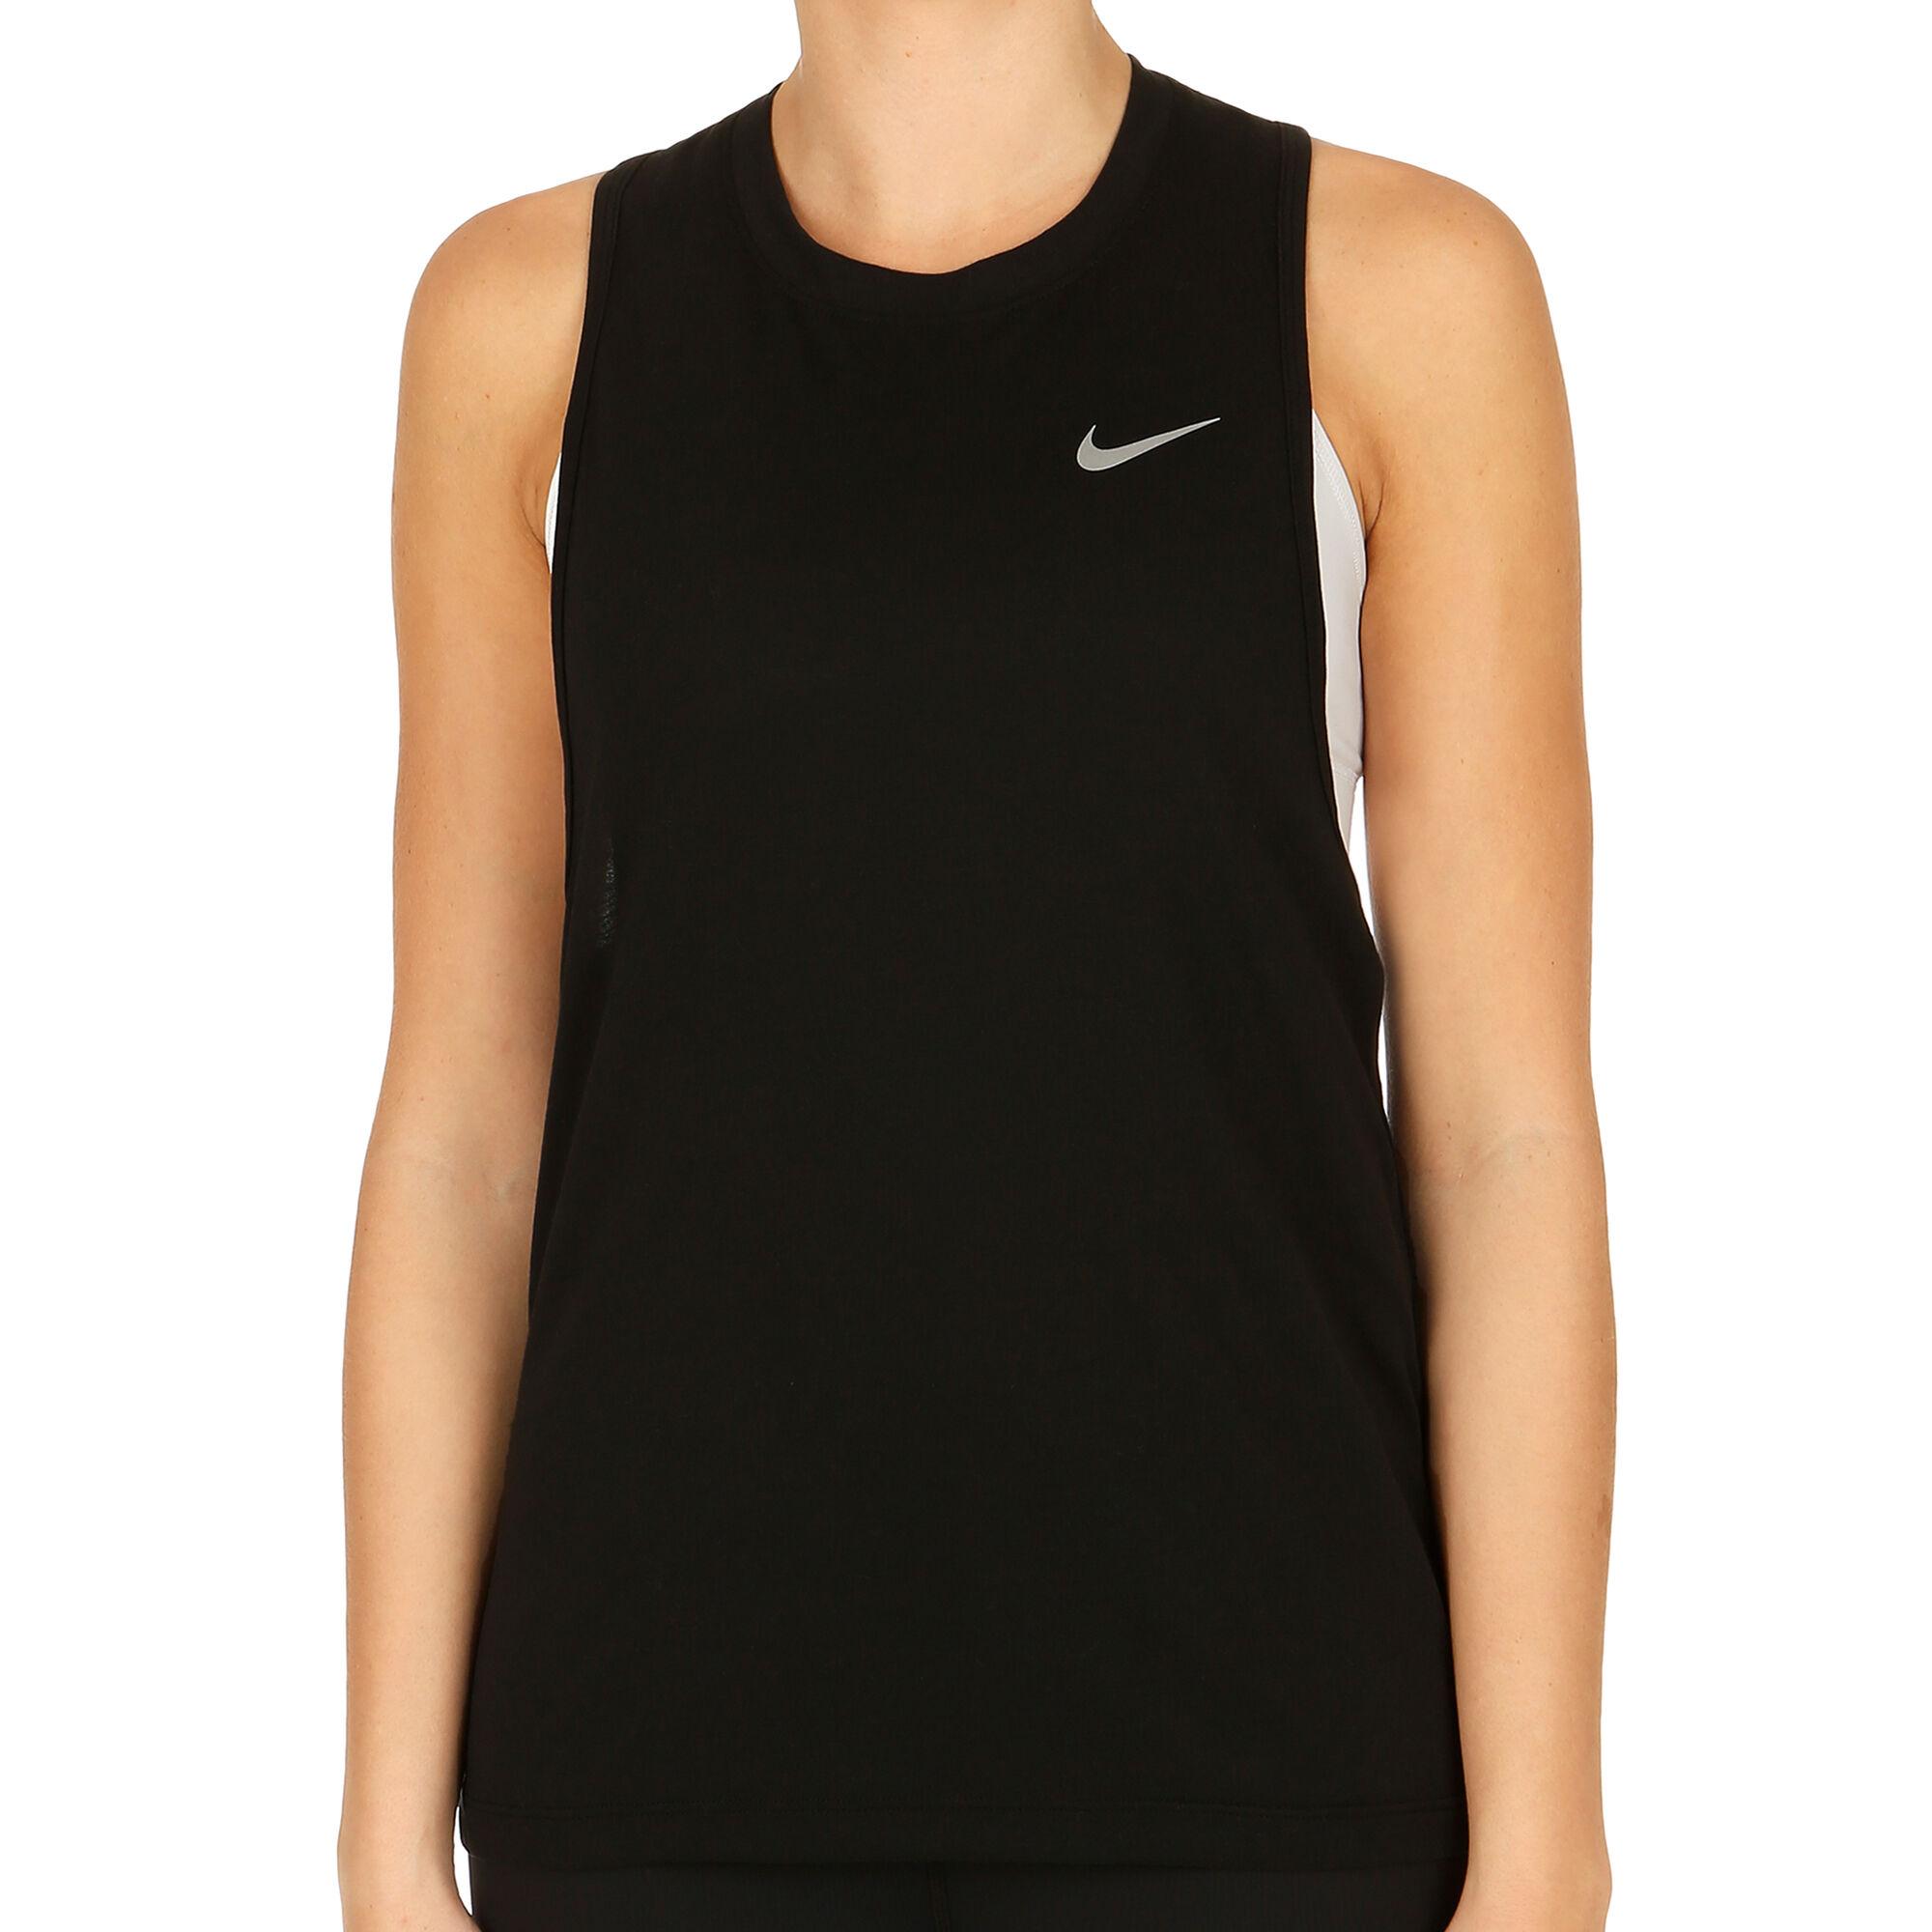 ac1fcfaeb4 Nike · Nike · Nike · Nike · Nike · Nike · Nike. Breathe Tailwind Running  Tank ...